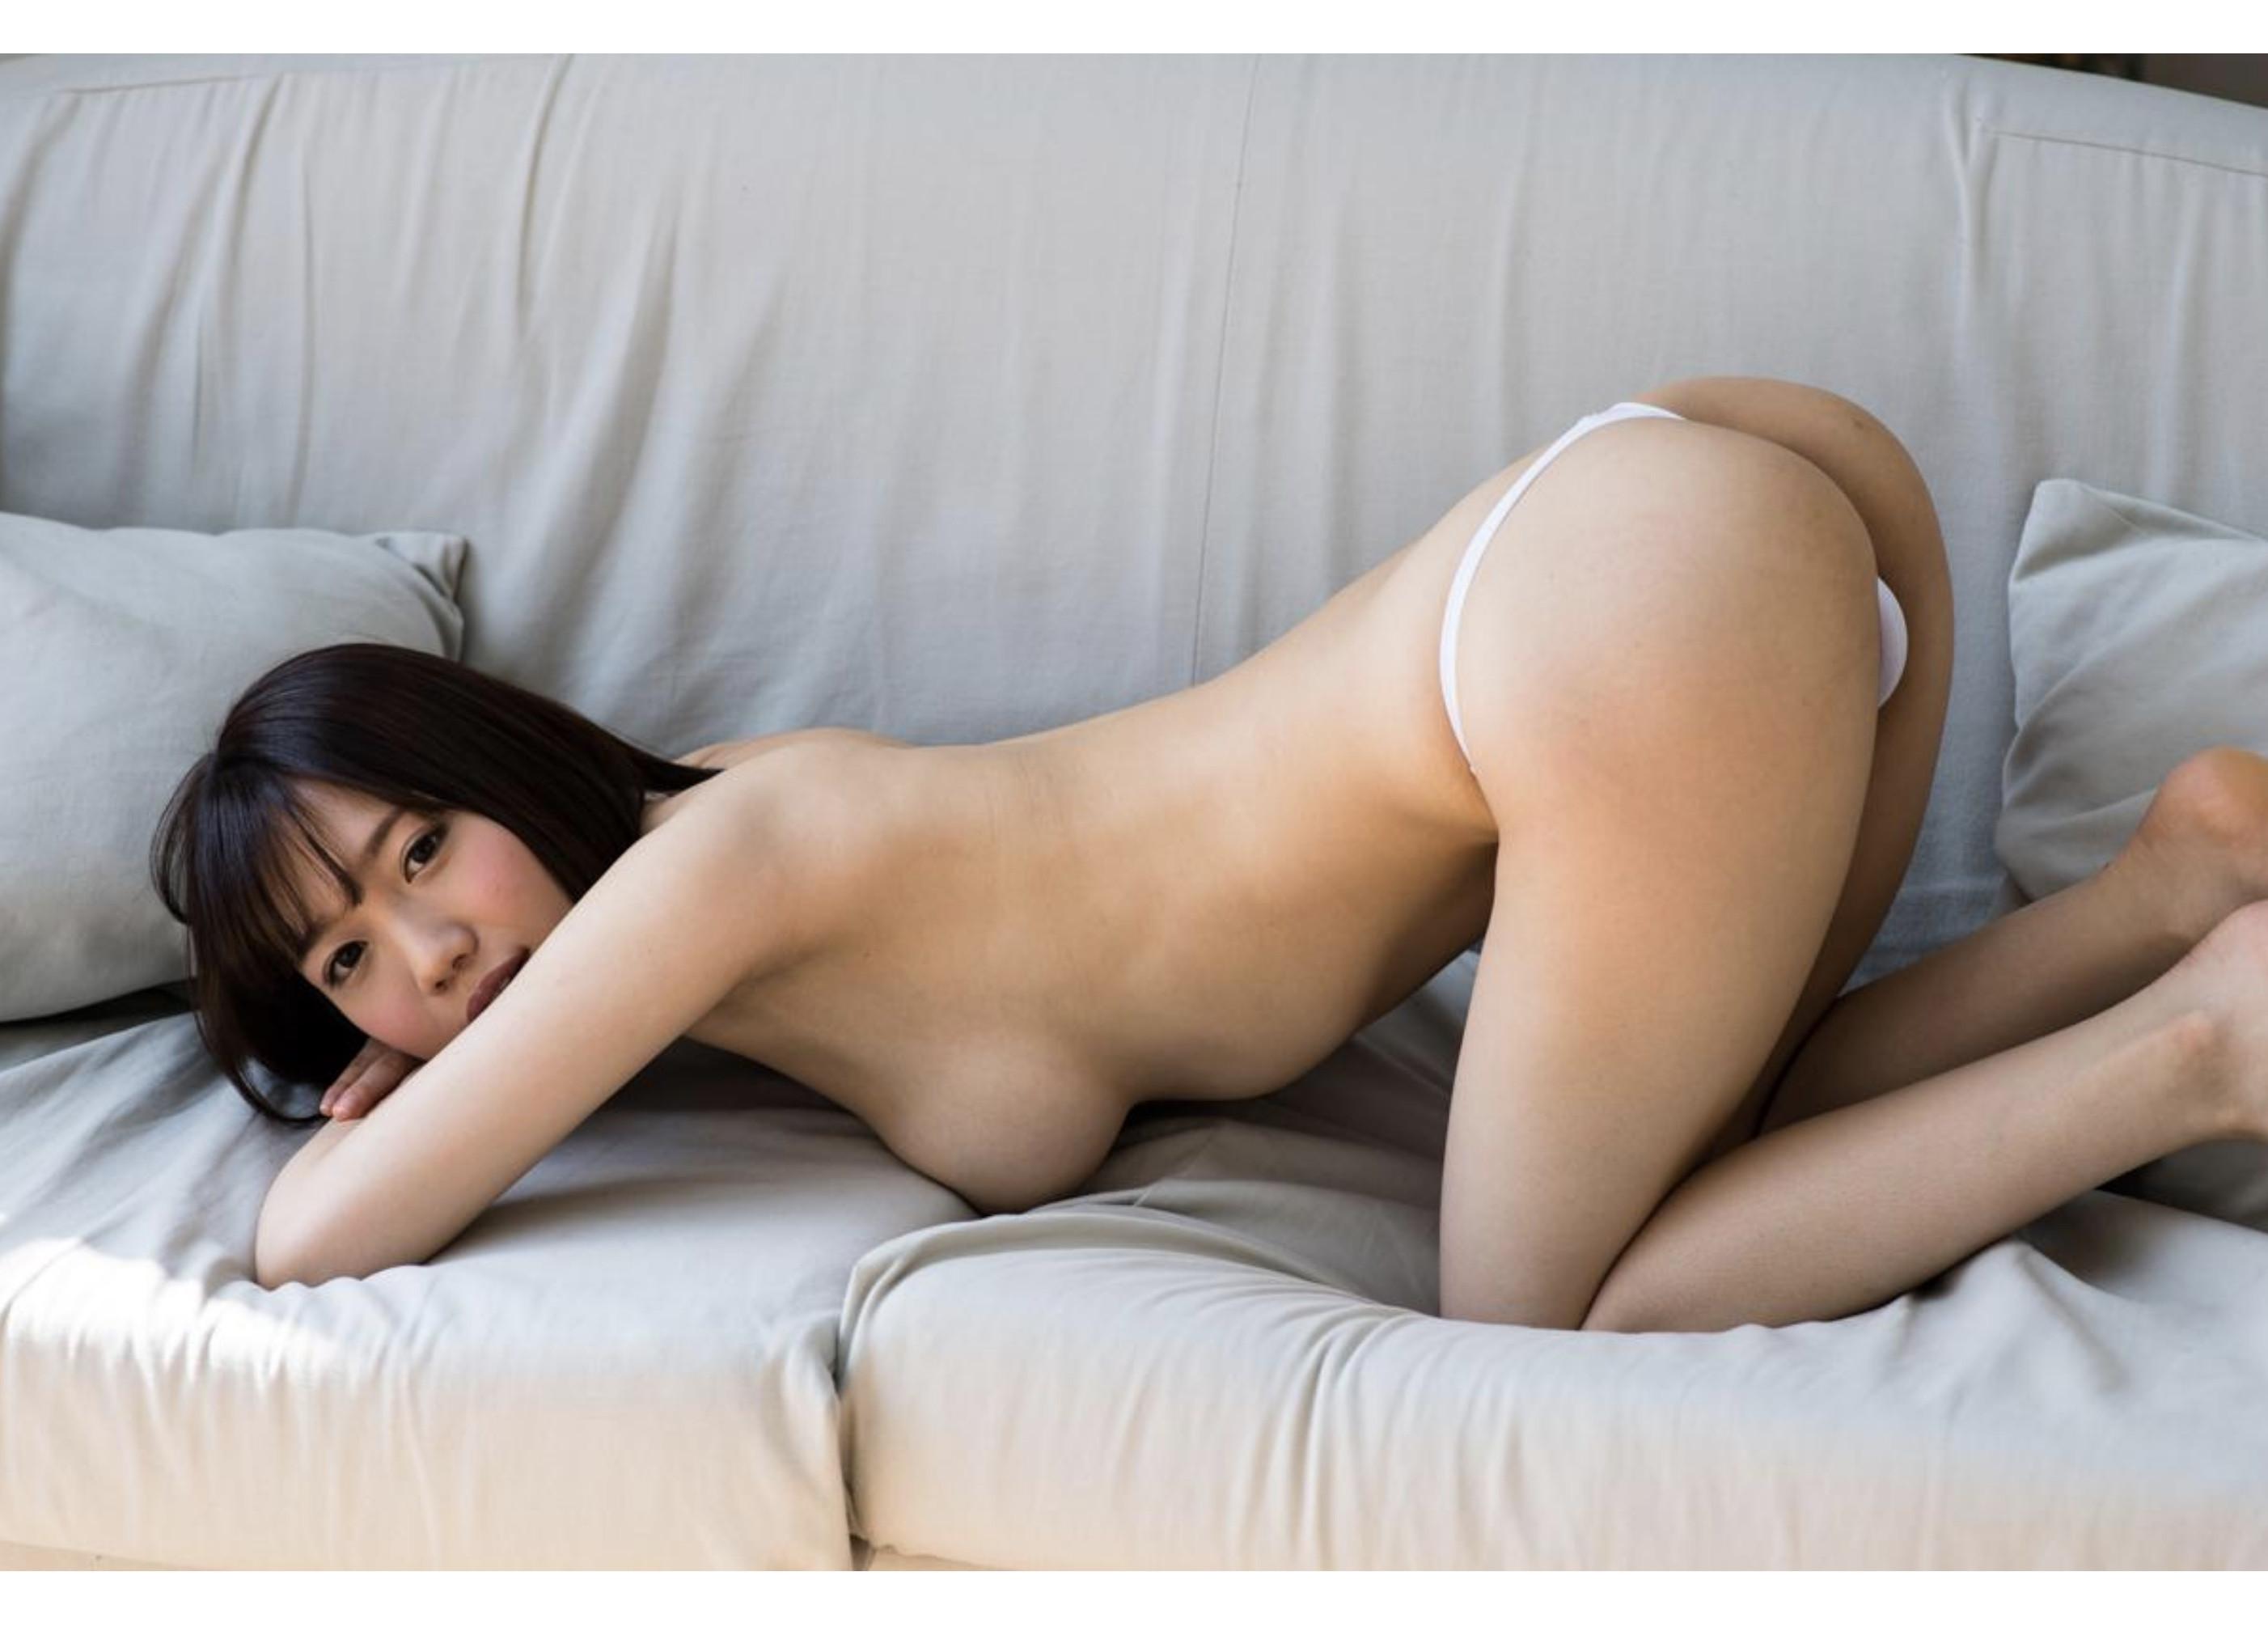 菊川みつ葉 写真集 Hetairai 071